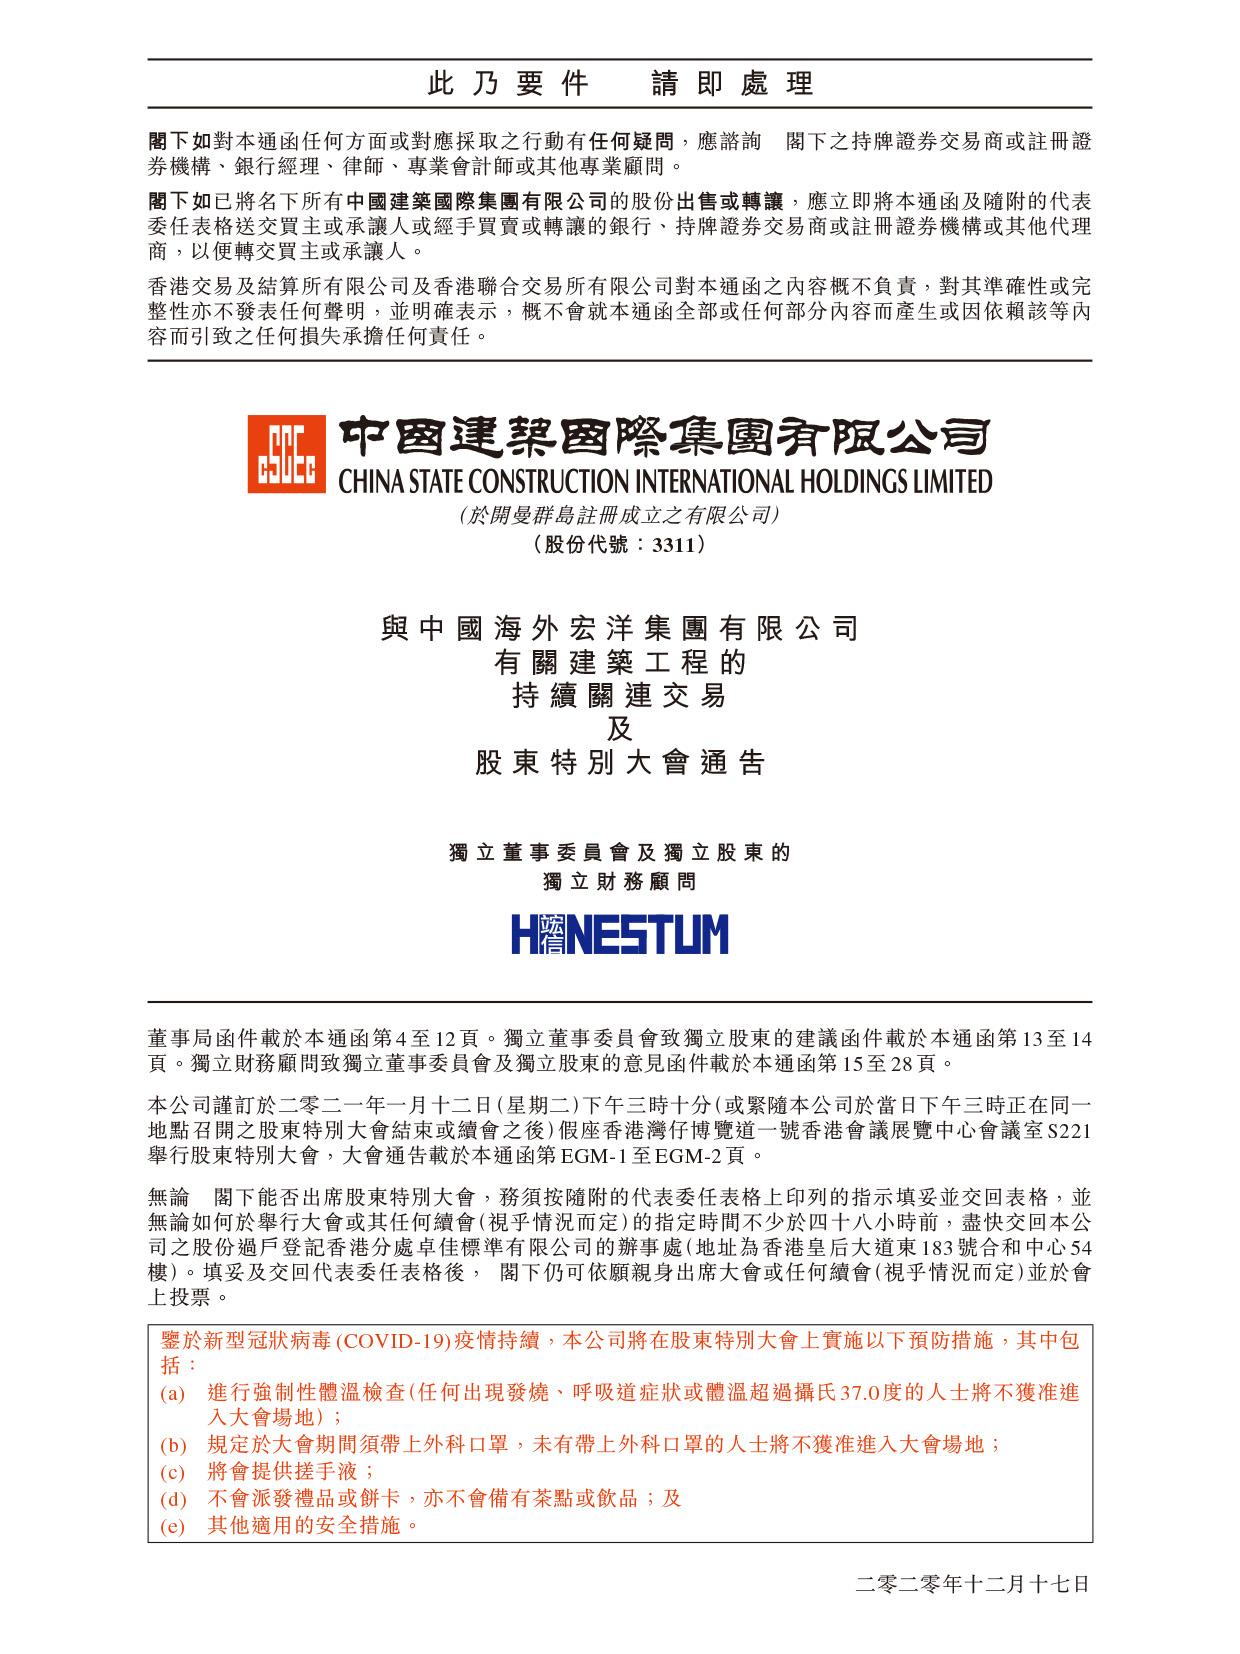 中國建築國際集團有限公司